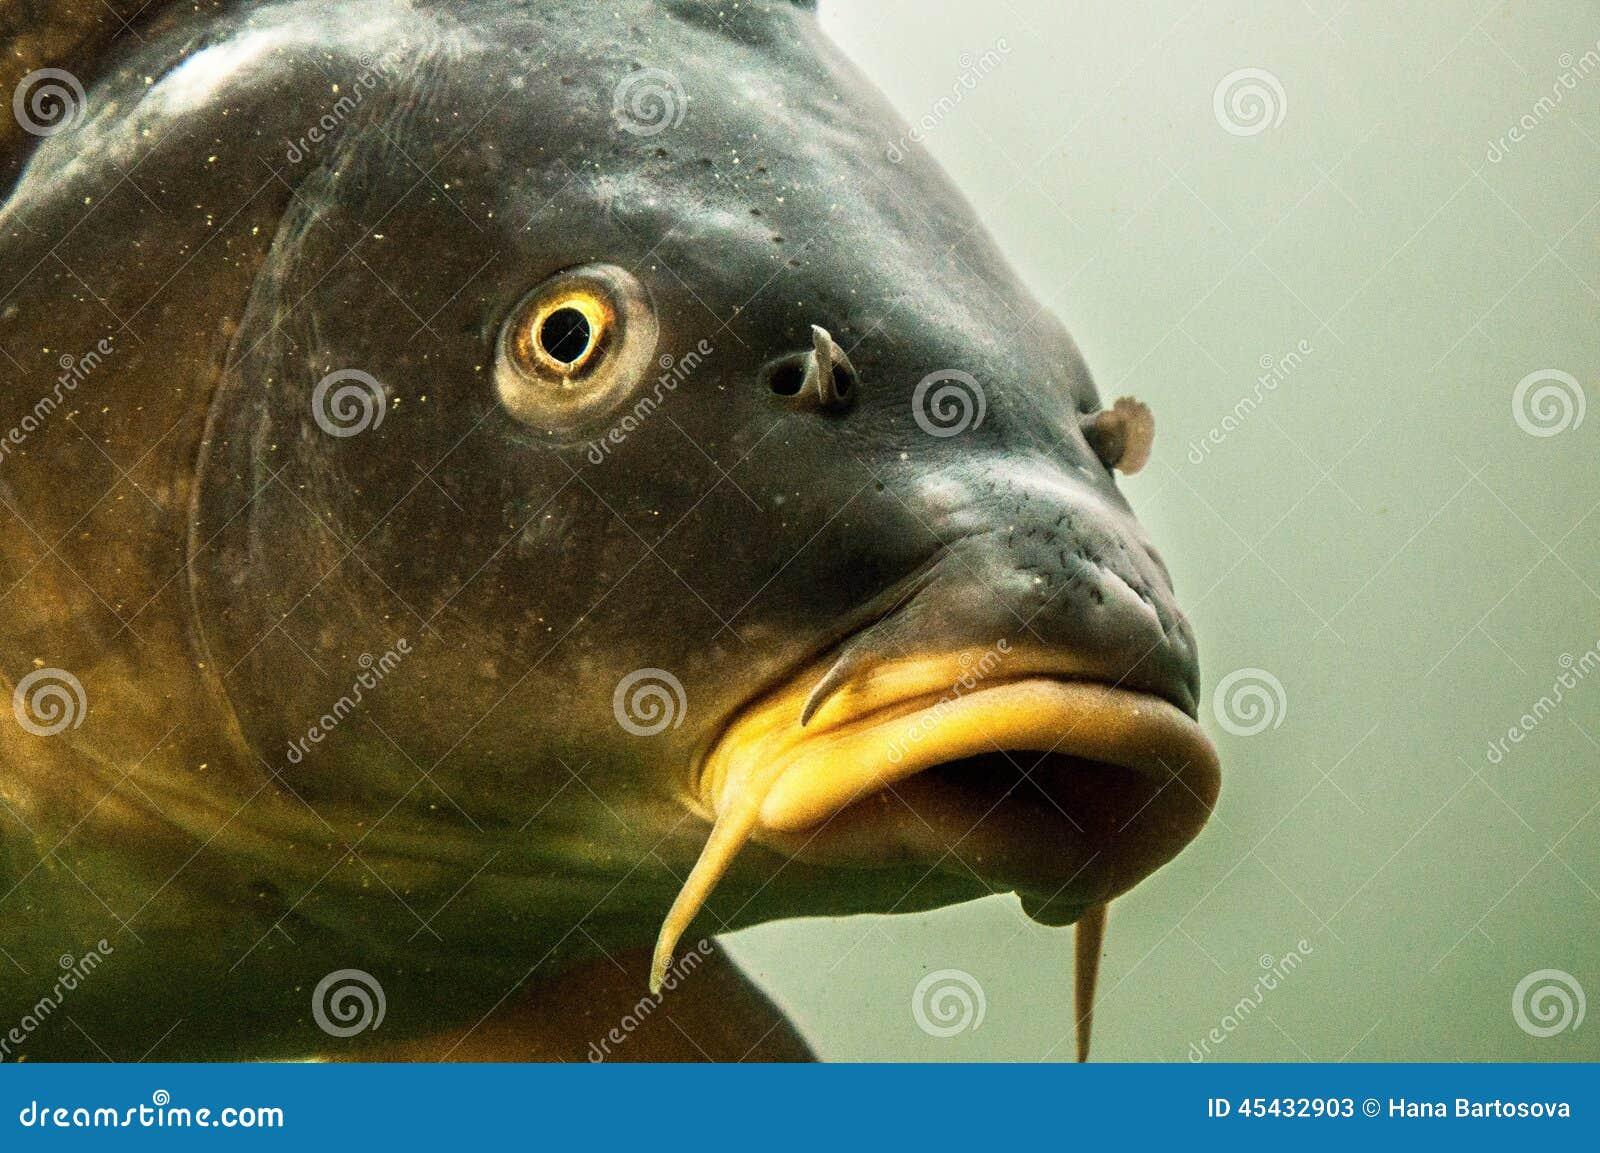 Dettaglio Della Testa Del Pesce Gatto Con I Barbi Lunghi Immagine